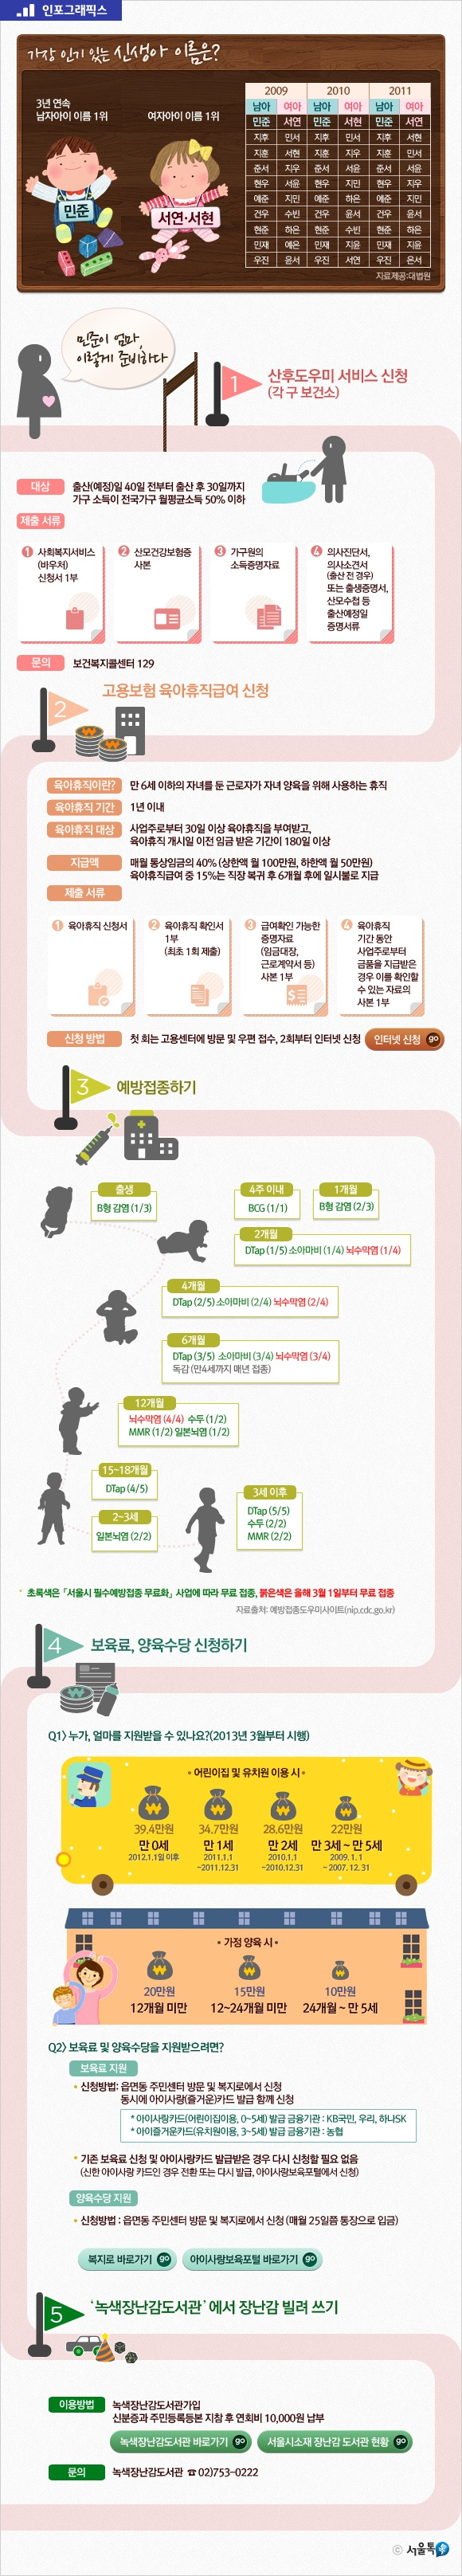 서울톡톡 | 영유아 관련 인포그래픽